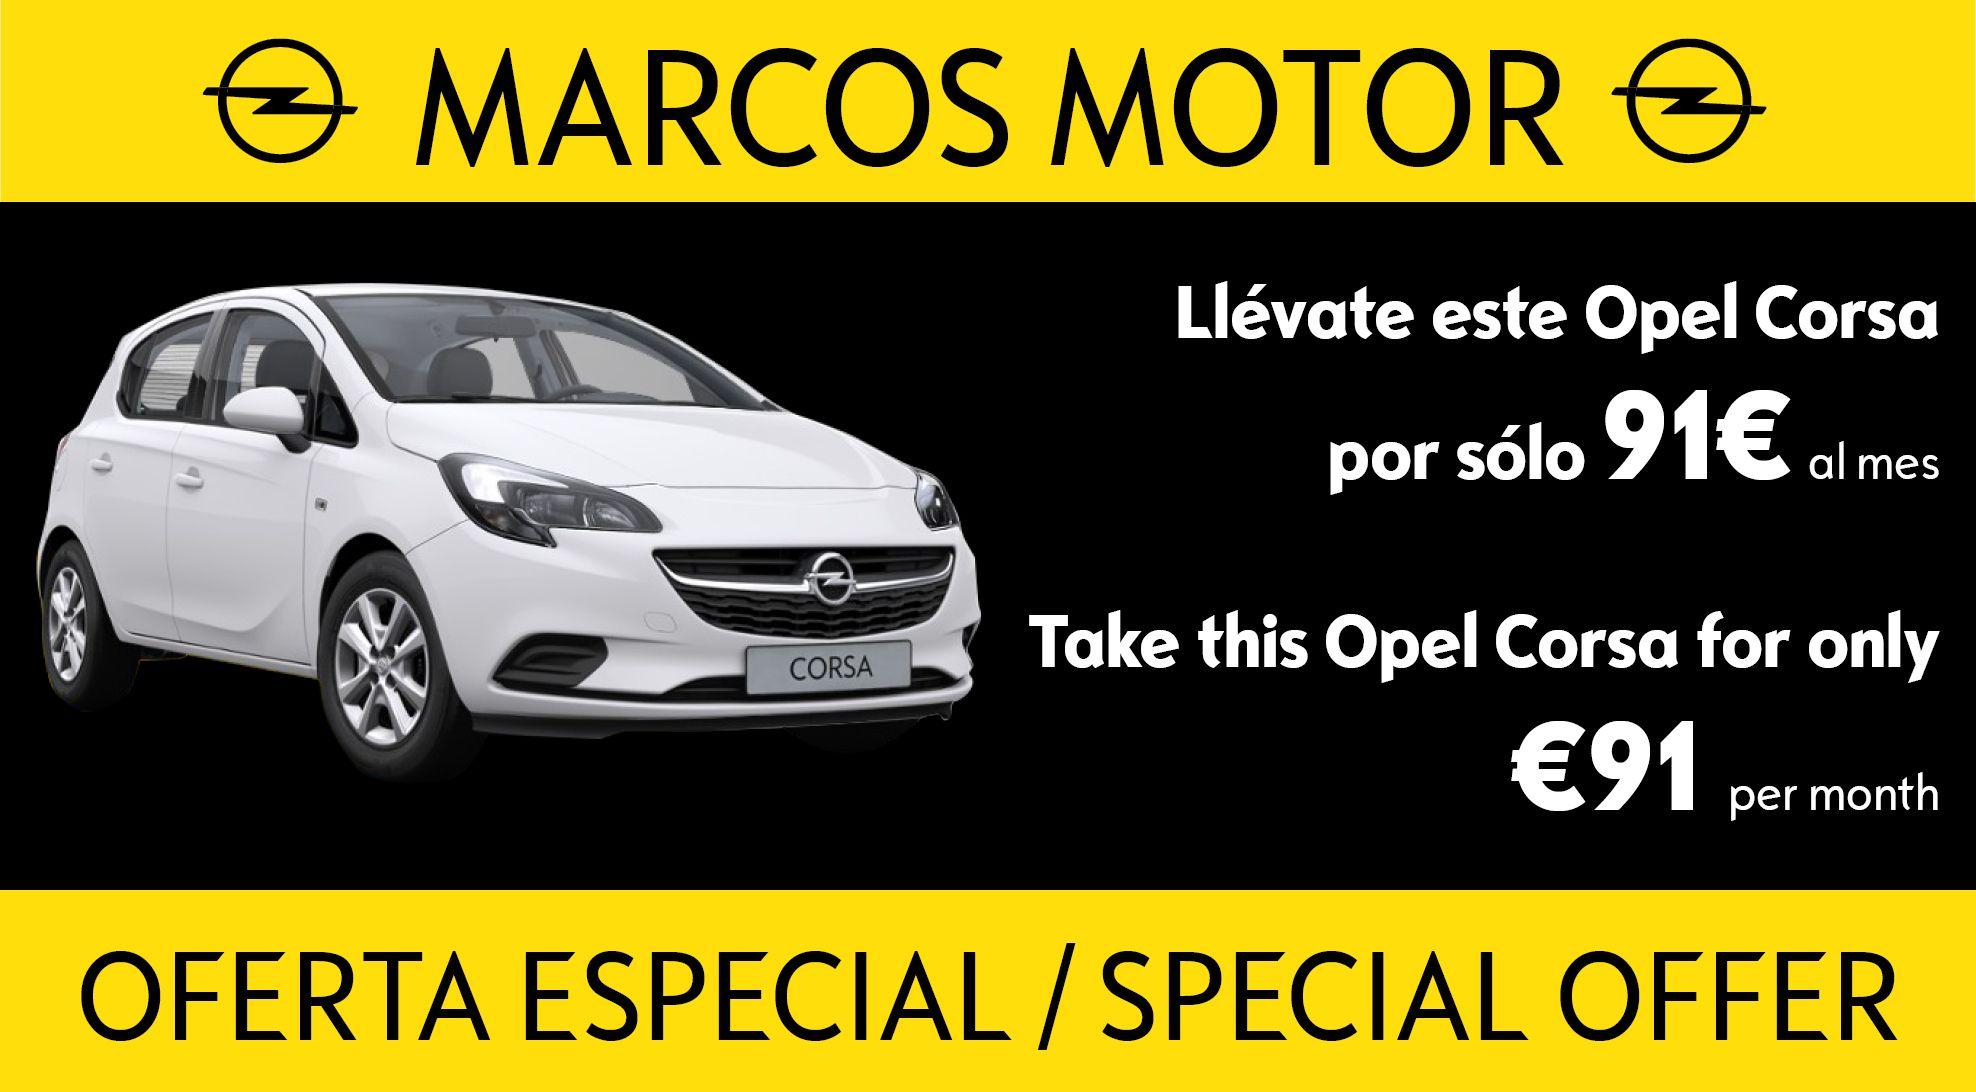 Oferta Opel Corsa GLP 91€ al mes